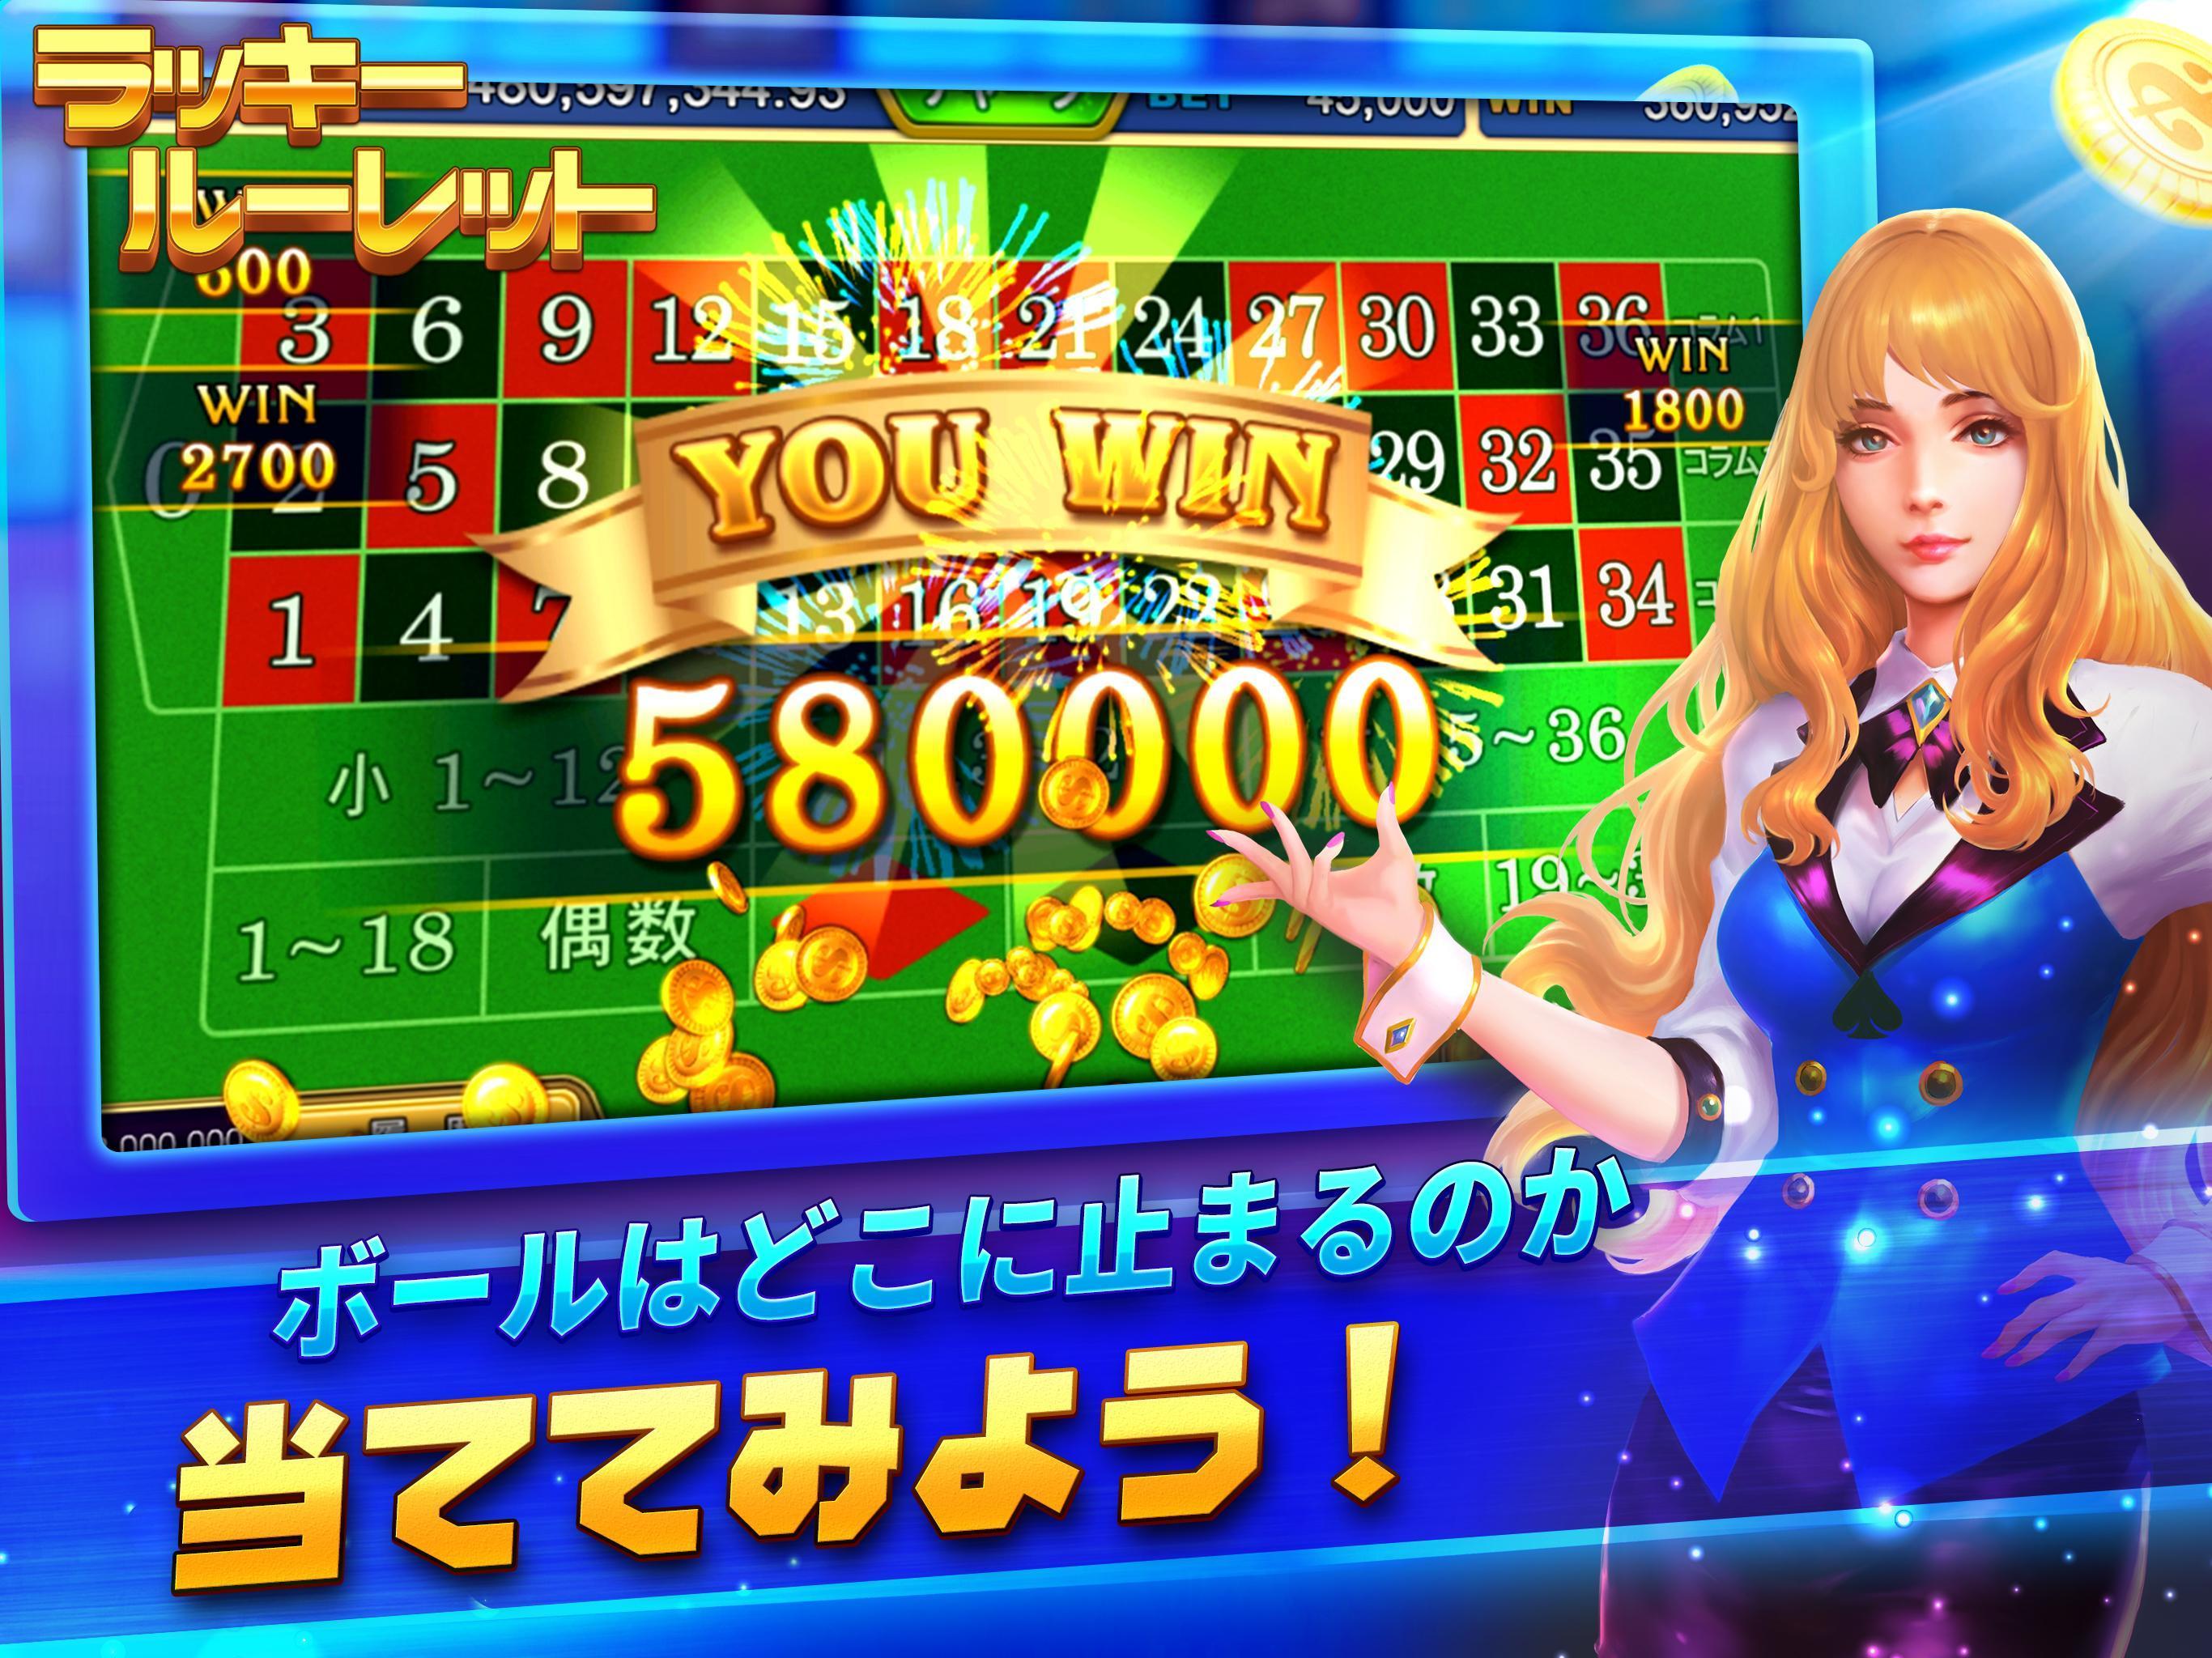 スーパーラッキーカジノ ~ オーシャンモンスター、スロット、サイコロ、ポーカー 3.14.1 Screenshot 20